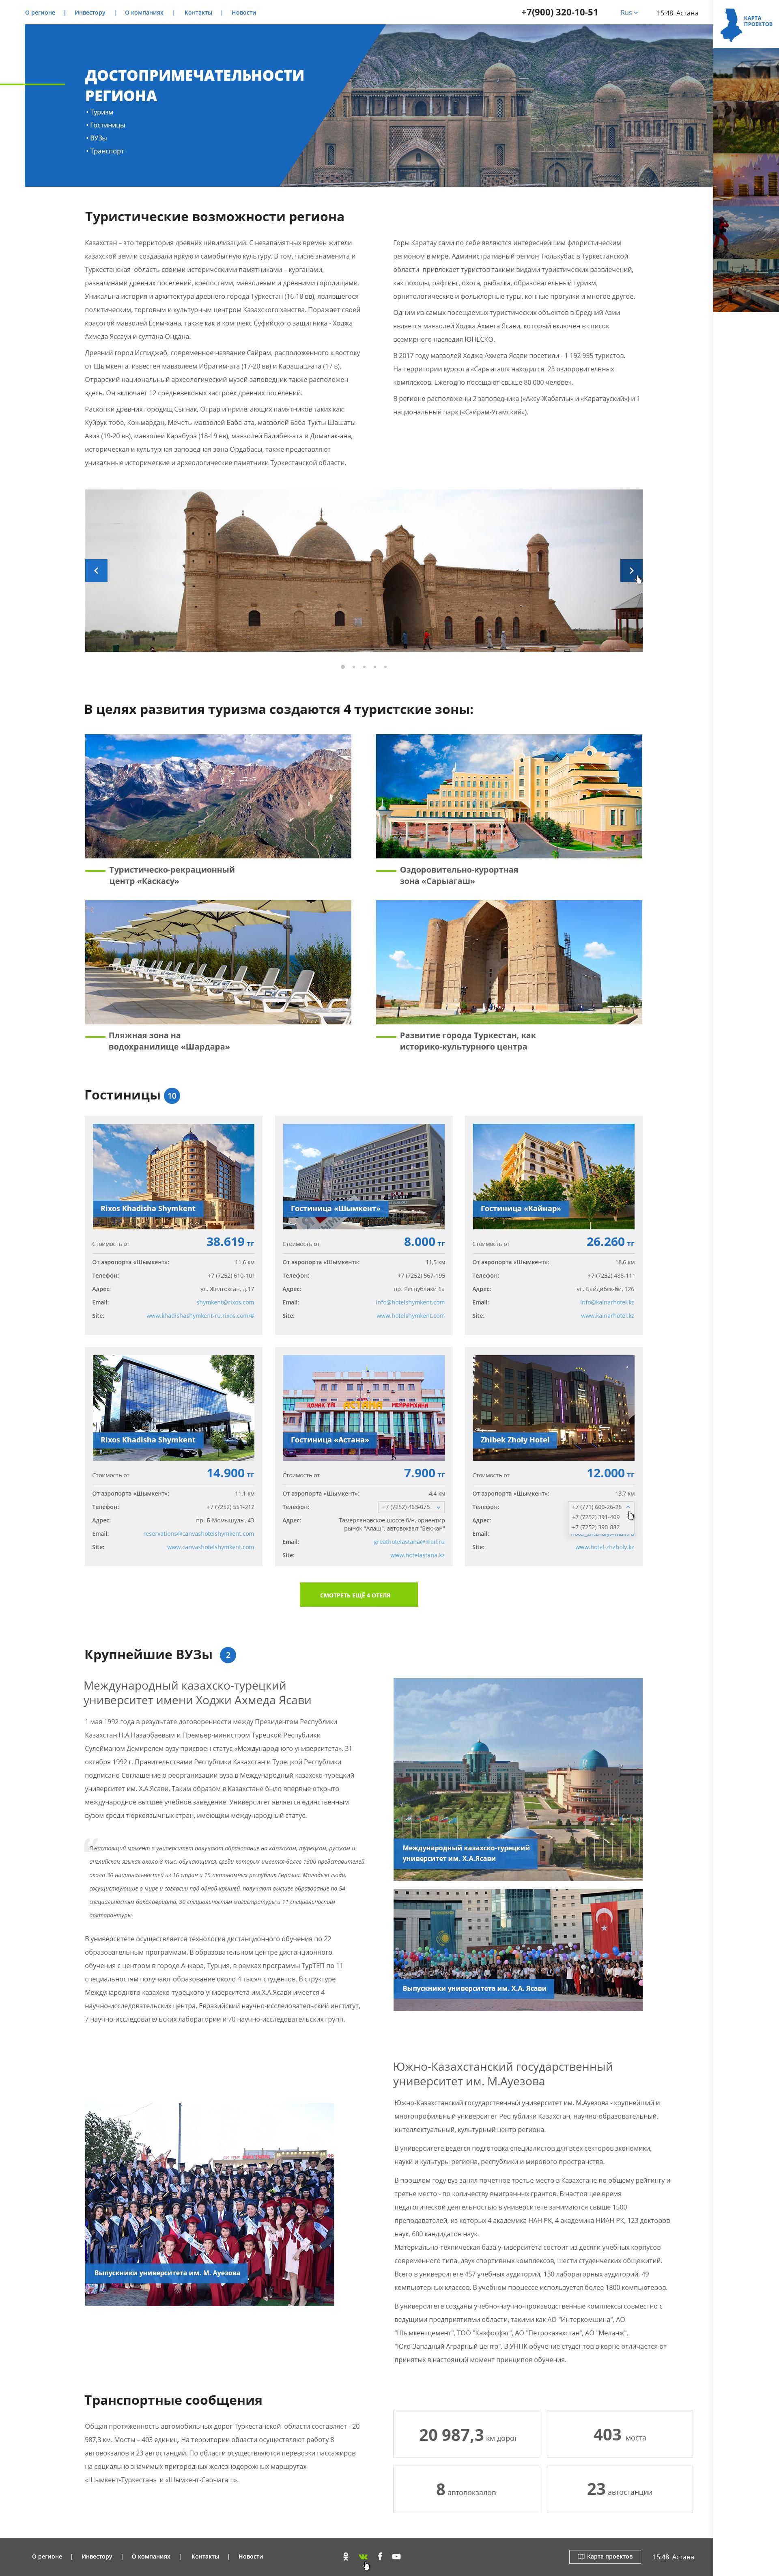 Разработка дизайна корпоративного сайта - Инвестиционная компания